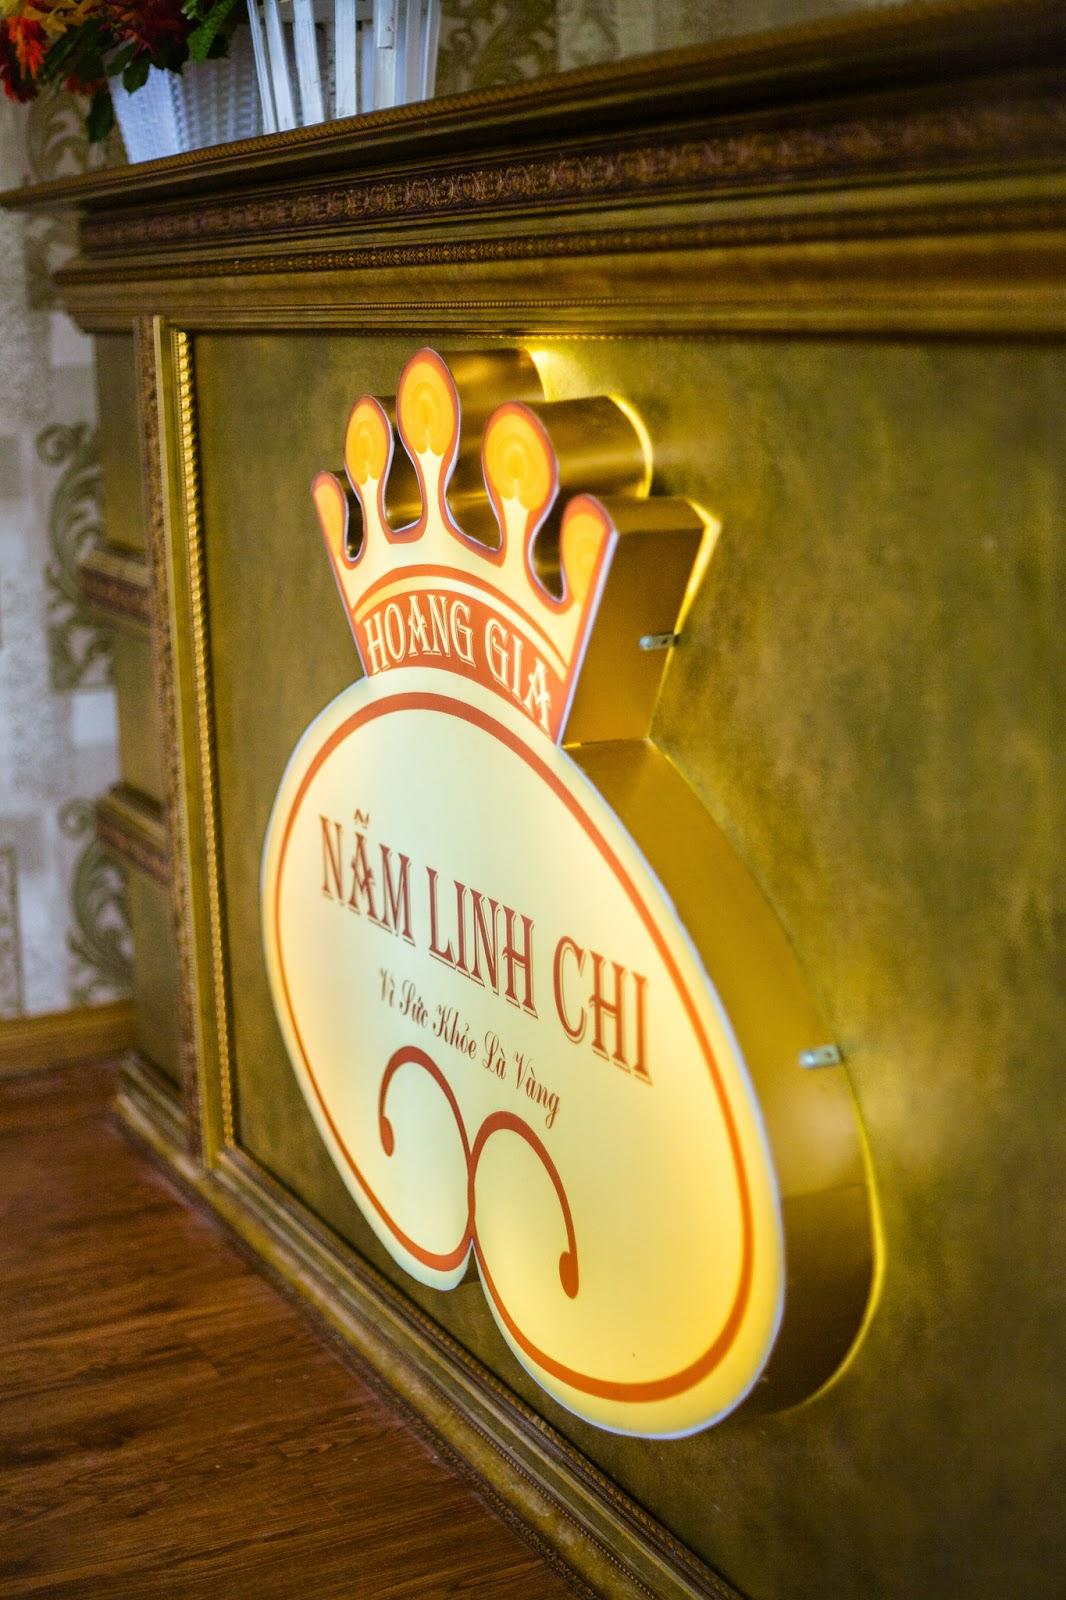 showroom Nấm Linh Chi Hoàng Gia tại 63 đường 3-2, Phường 11, Quận 10, Tp.HCM